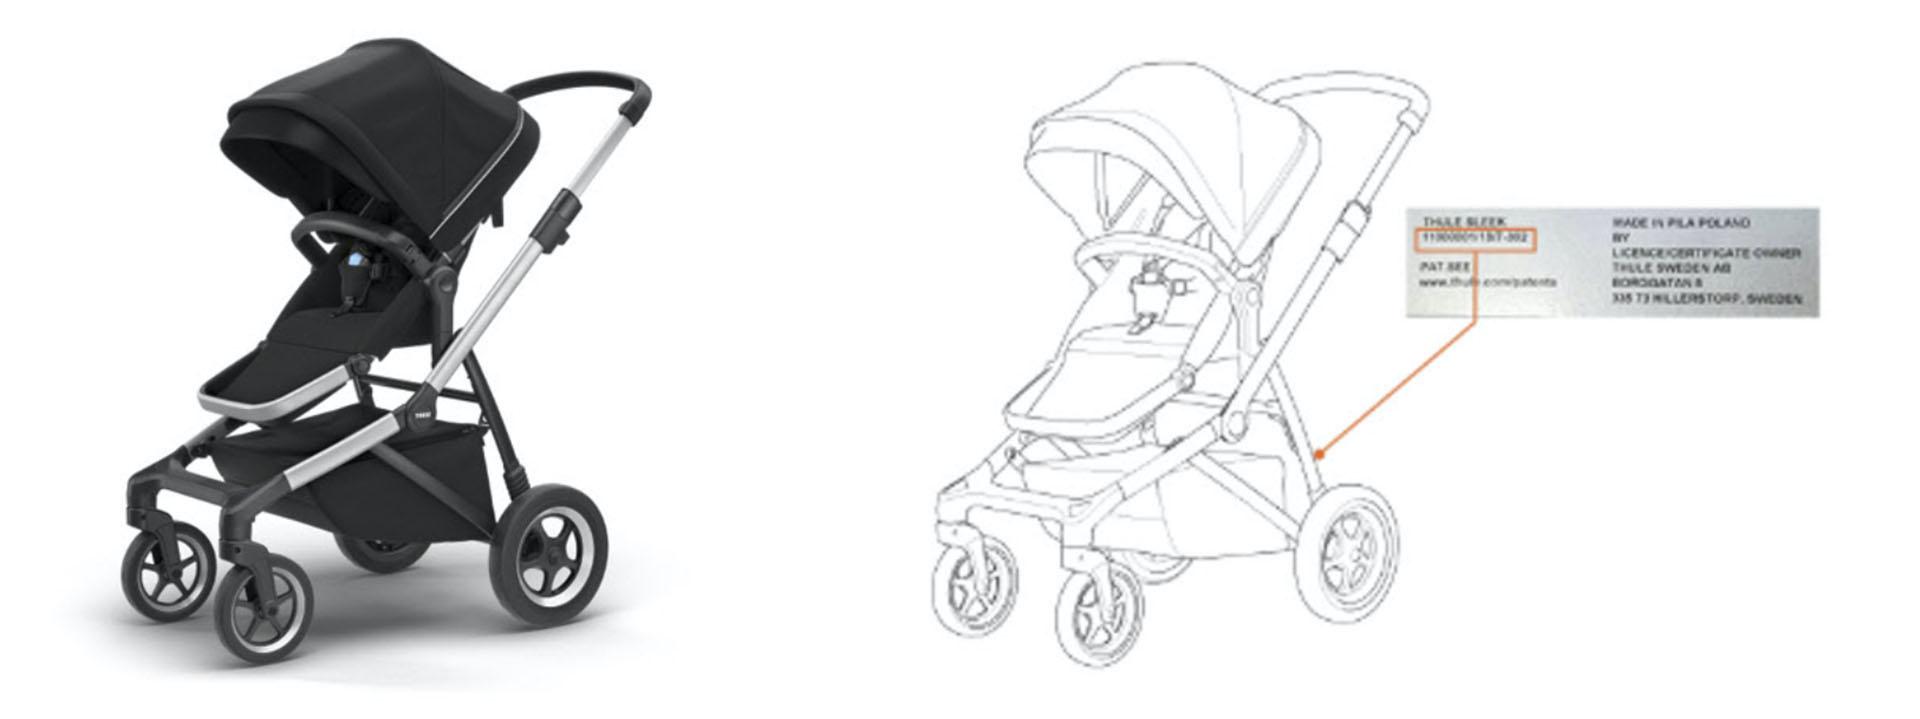 El manubrio de las carriolas defectuosas pueden desprenderse y ocasionar la caída de la niña o niño a bordo.    (Foto: thule.com)